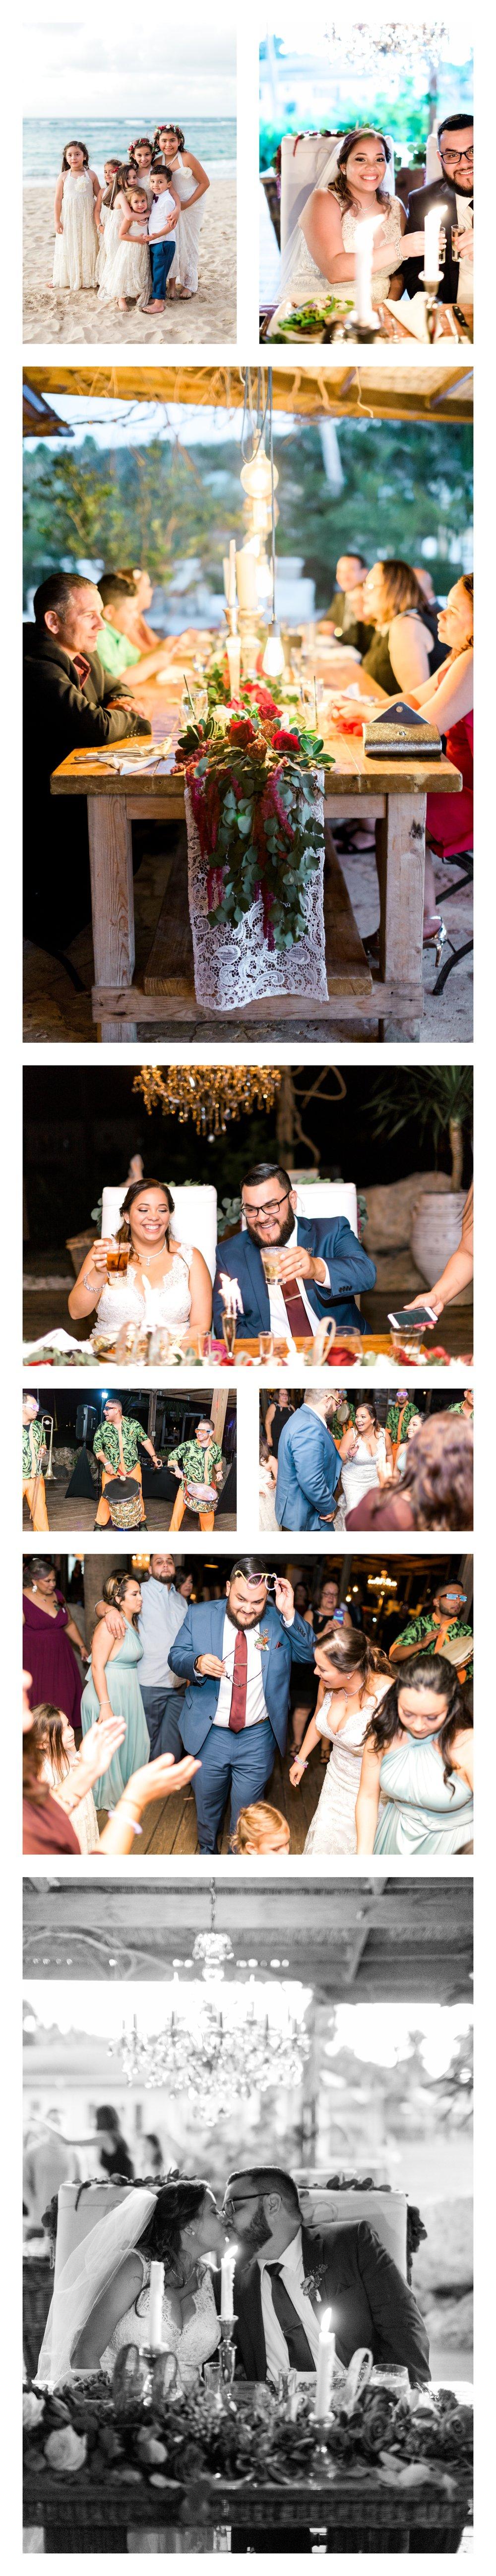 villa-montana-resort-isabela-puerto-rico-wedding_0018.jpg